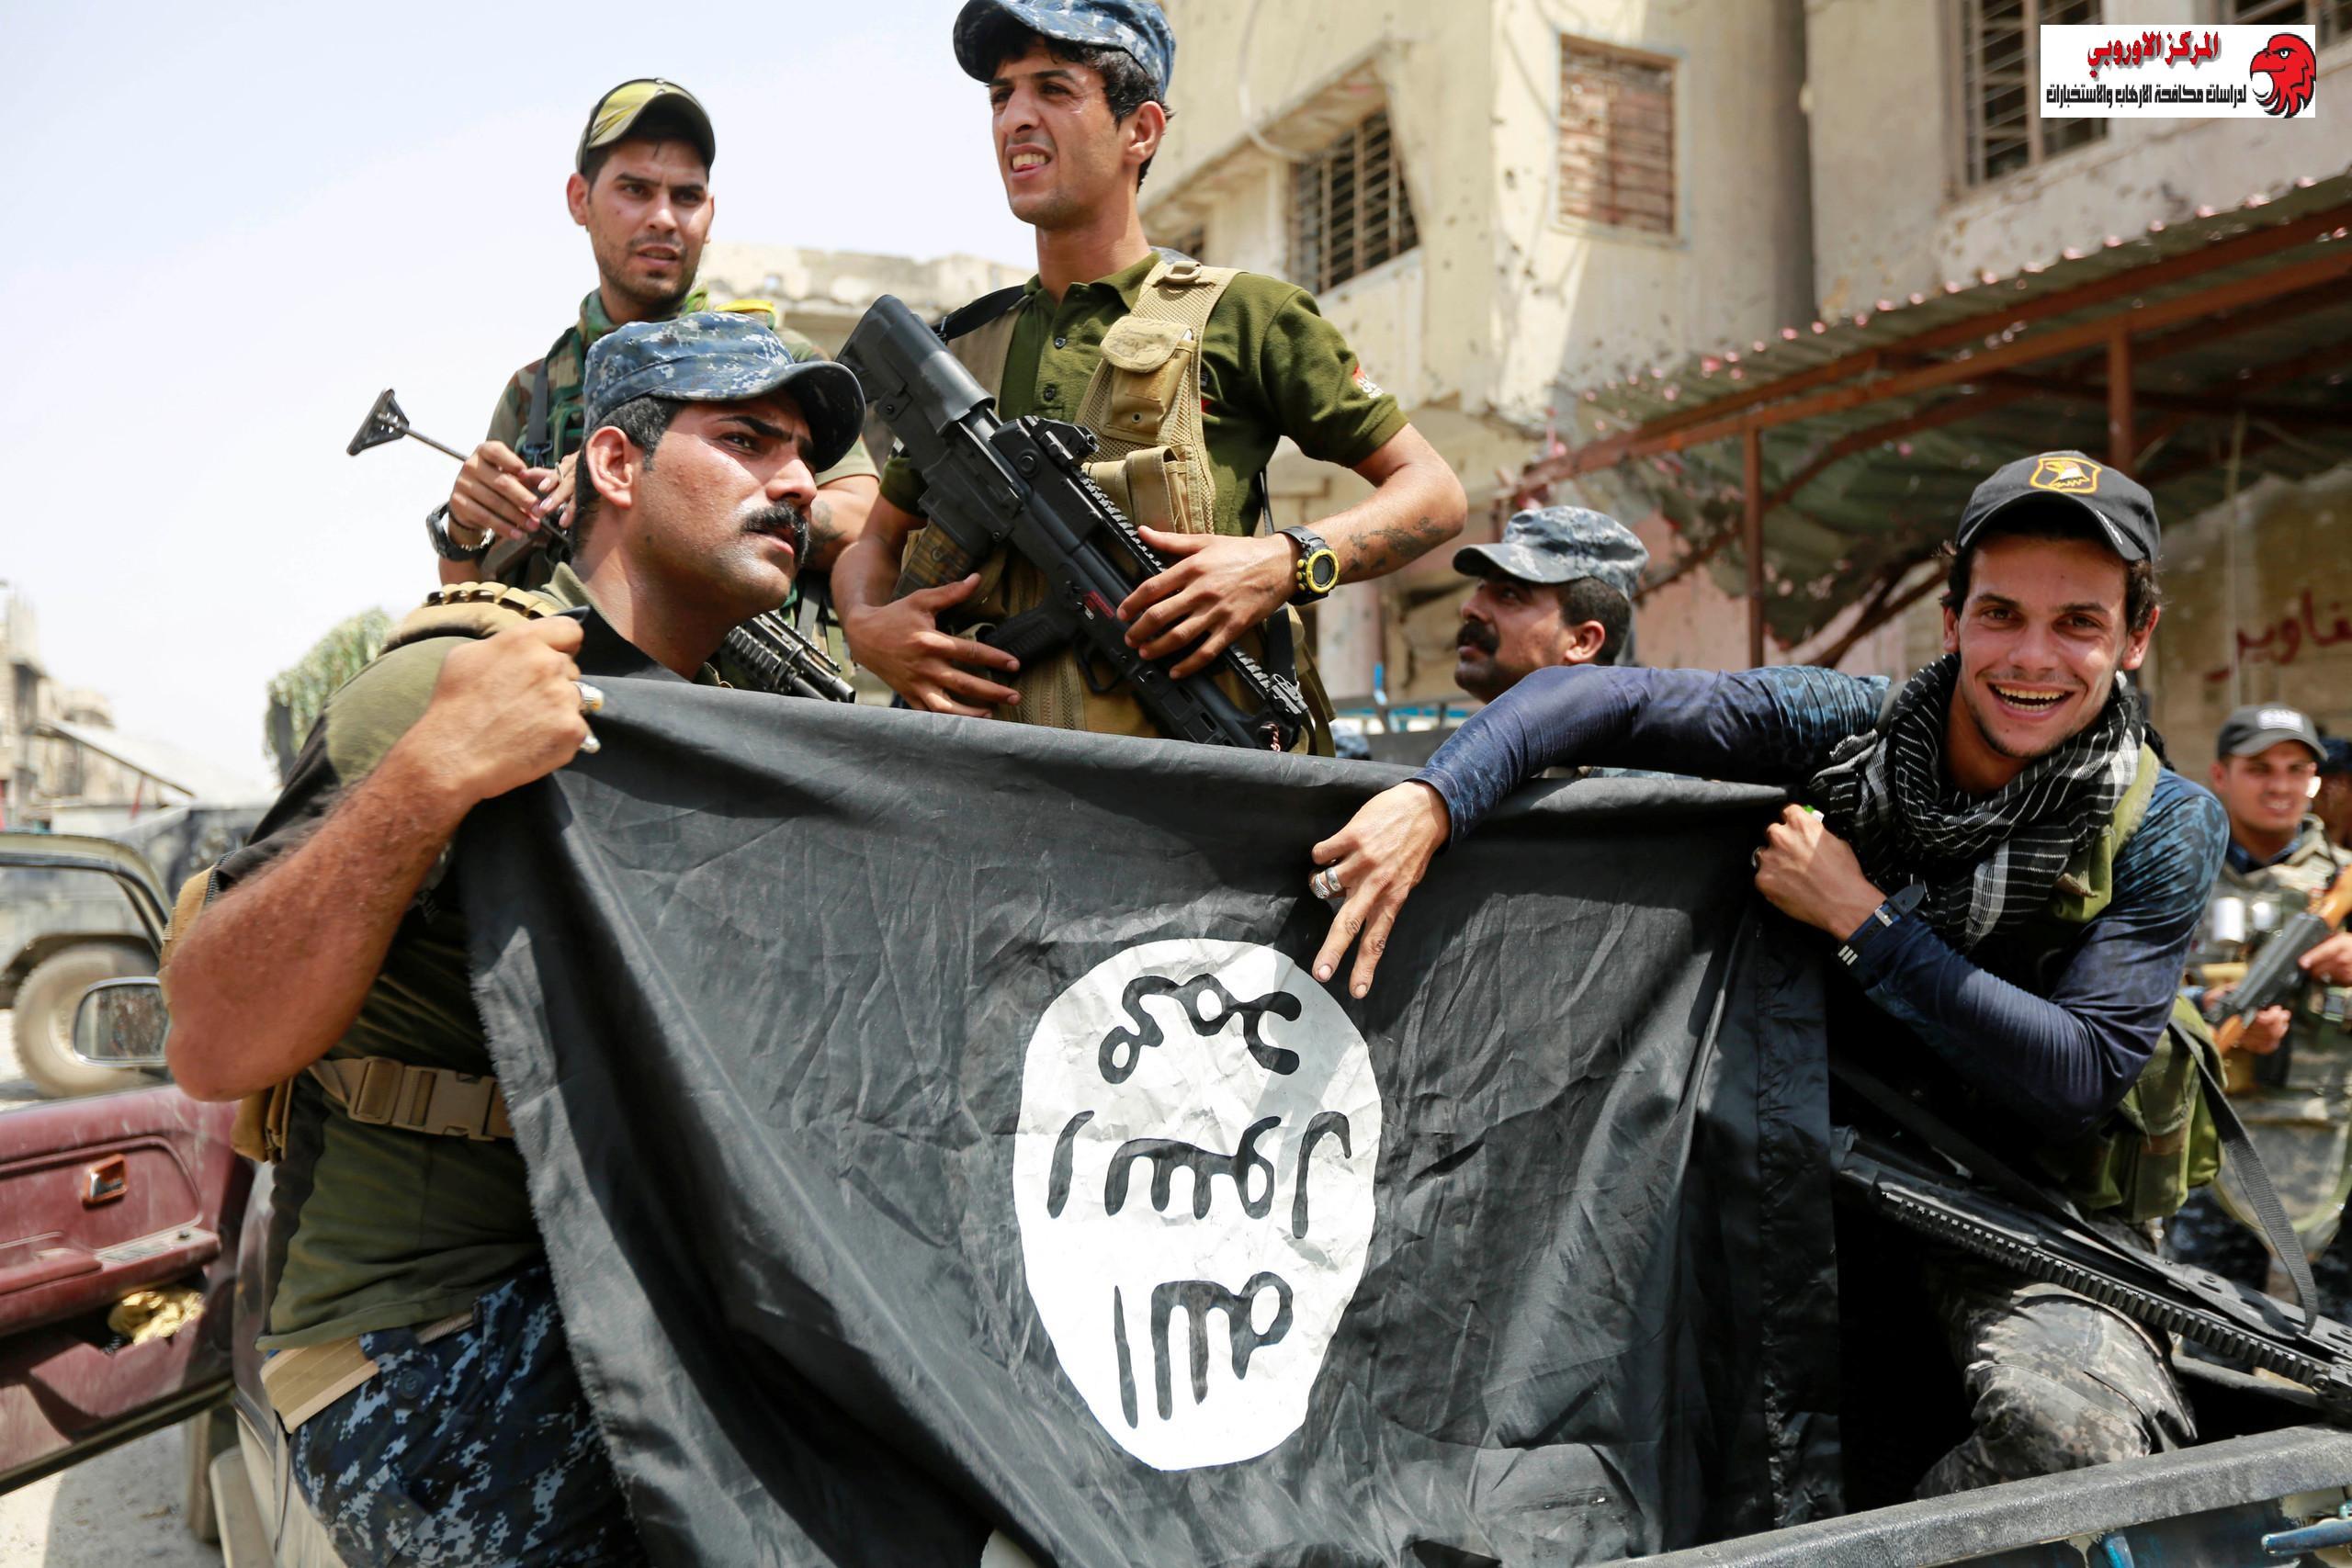 تقدير موقف، تأثير الظروف المناخية والجغرافية على حالة التأهب والإستعداد على الحدود العراقية السورية